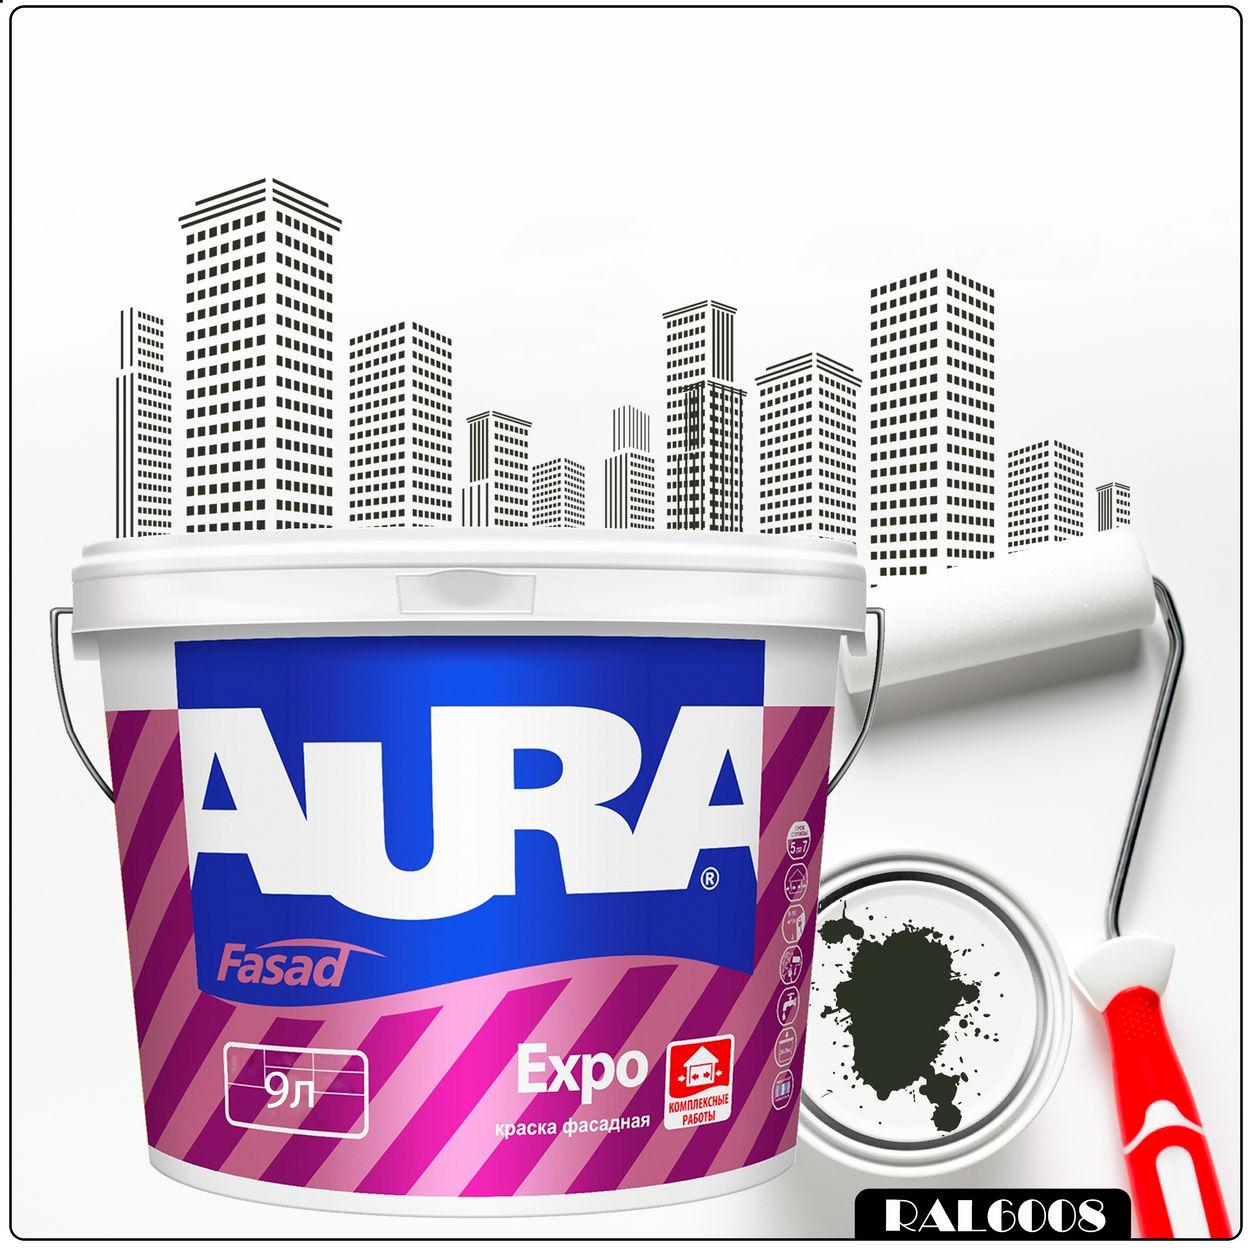 Фото 9 - Краска Aura Fasad Expo, RAL 6008 Коричнево-зеленый, матовая, для фасадов и помещений с повышенной влажностью, 9л.